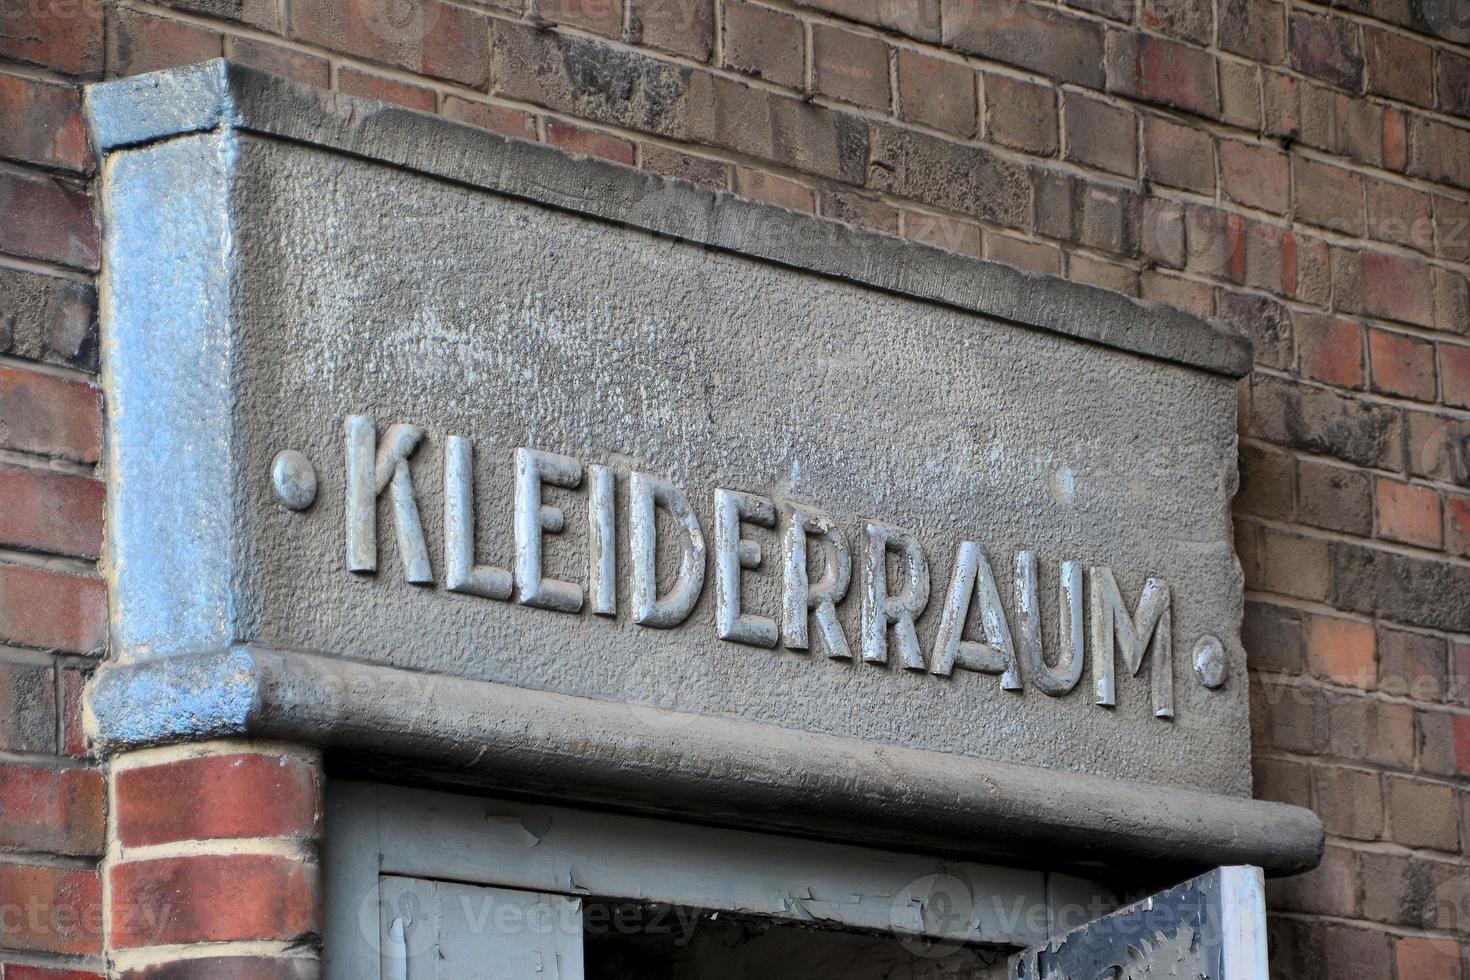 kleiderraum photo